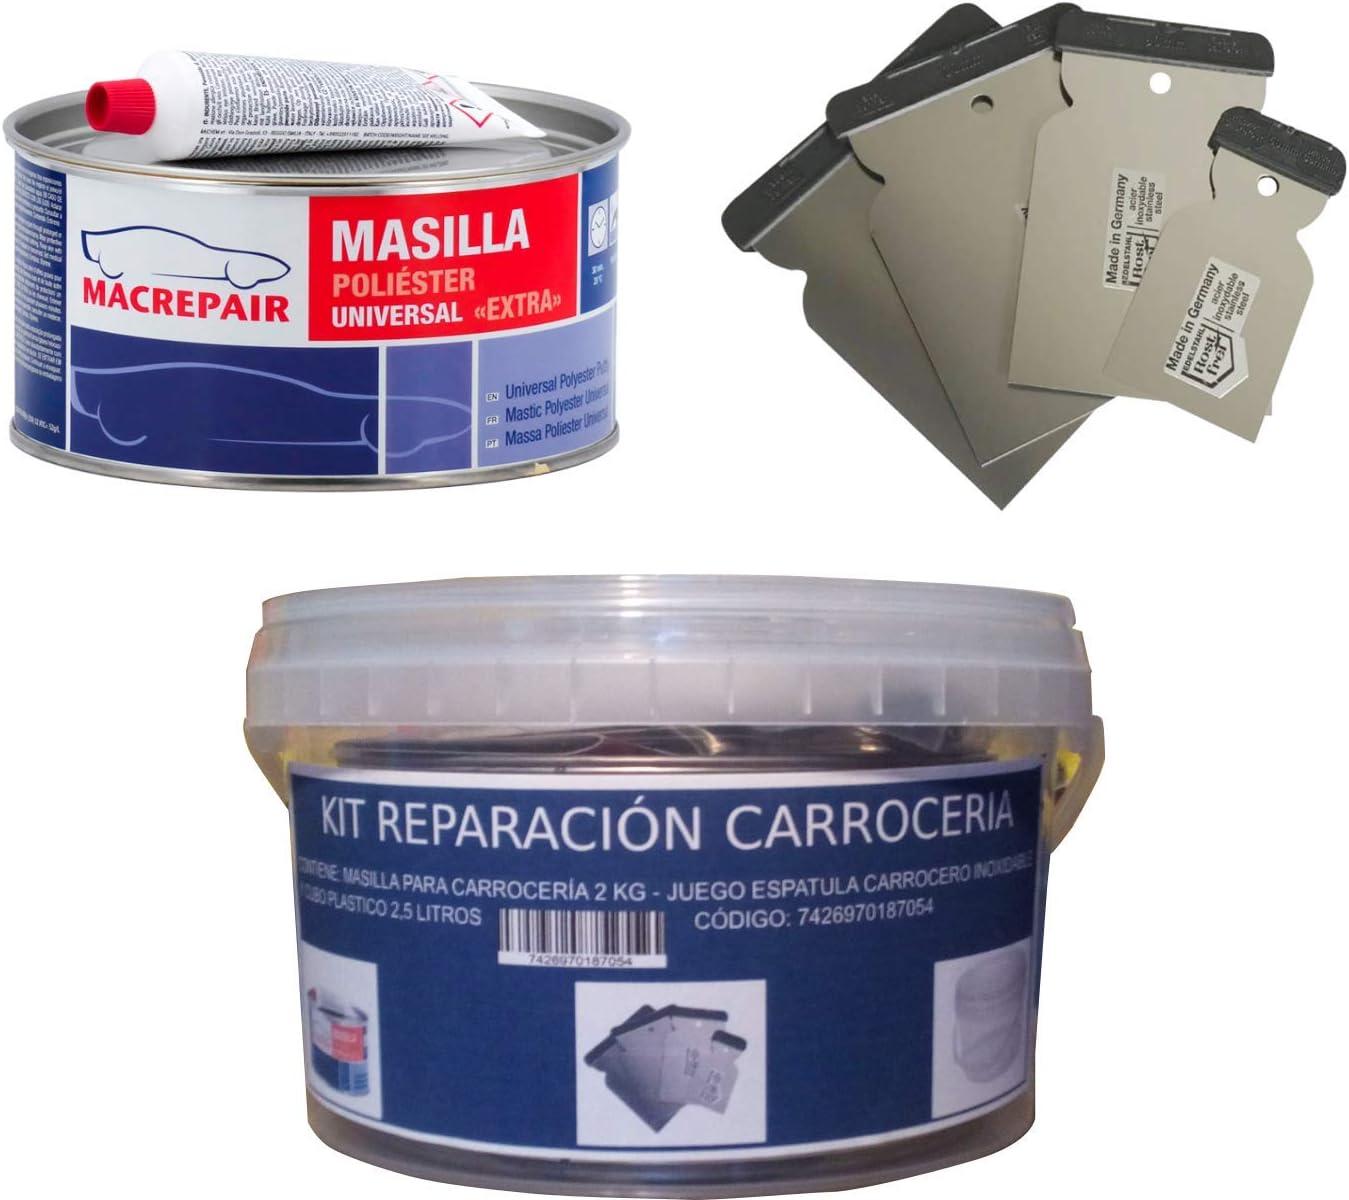 KIT REPARACION CARROCERIA (MASILLA PARA CARROCERÍA 2 KG + JUEGO ESPATULA CARROCERO INOXIDABLE + CUBO PLASTICO 2,5 LITROS) MAC+INOX